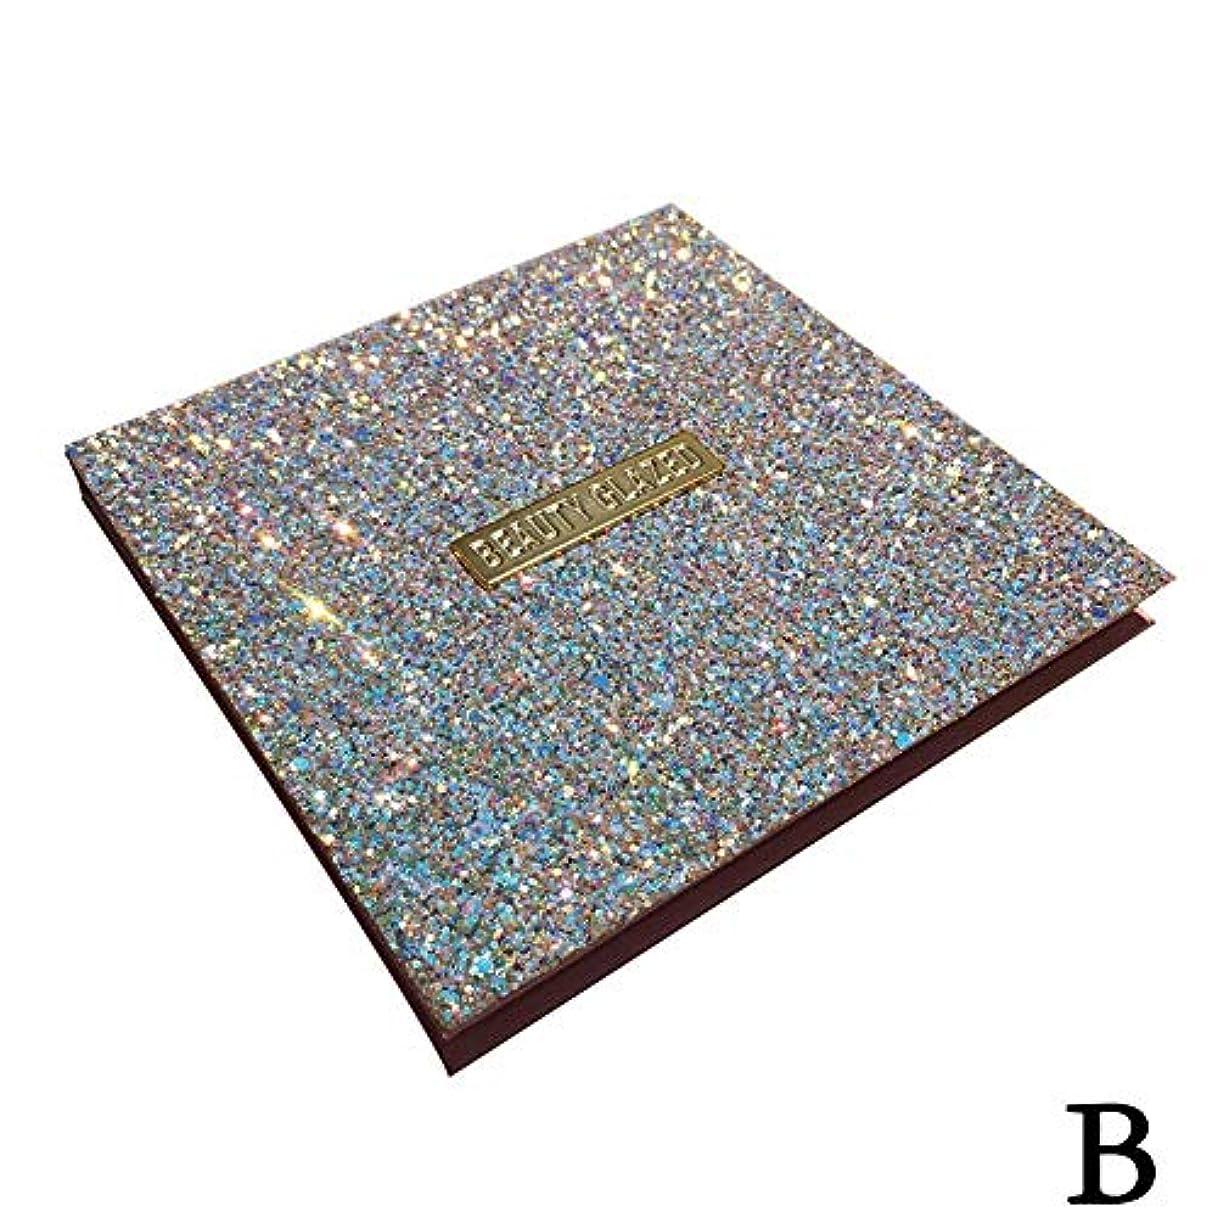 賭け段落混合した(ゴールデン ドリーミング)Golden Dreaming beauty glazed 無光沢の真珠16色のアイシャドウ (B 2#)